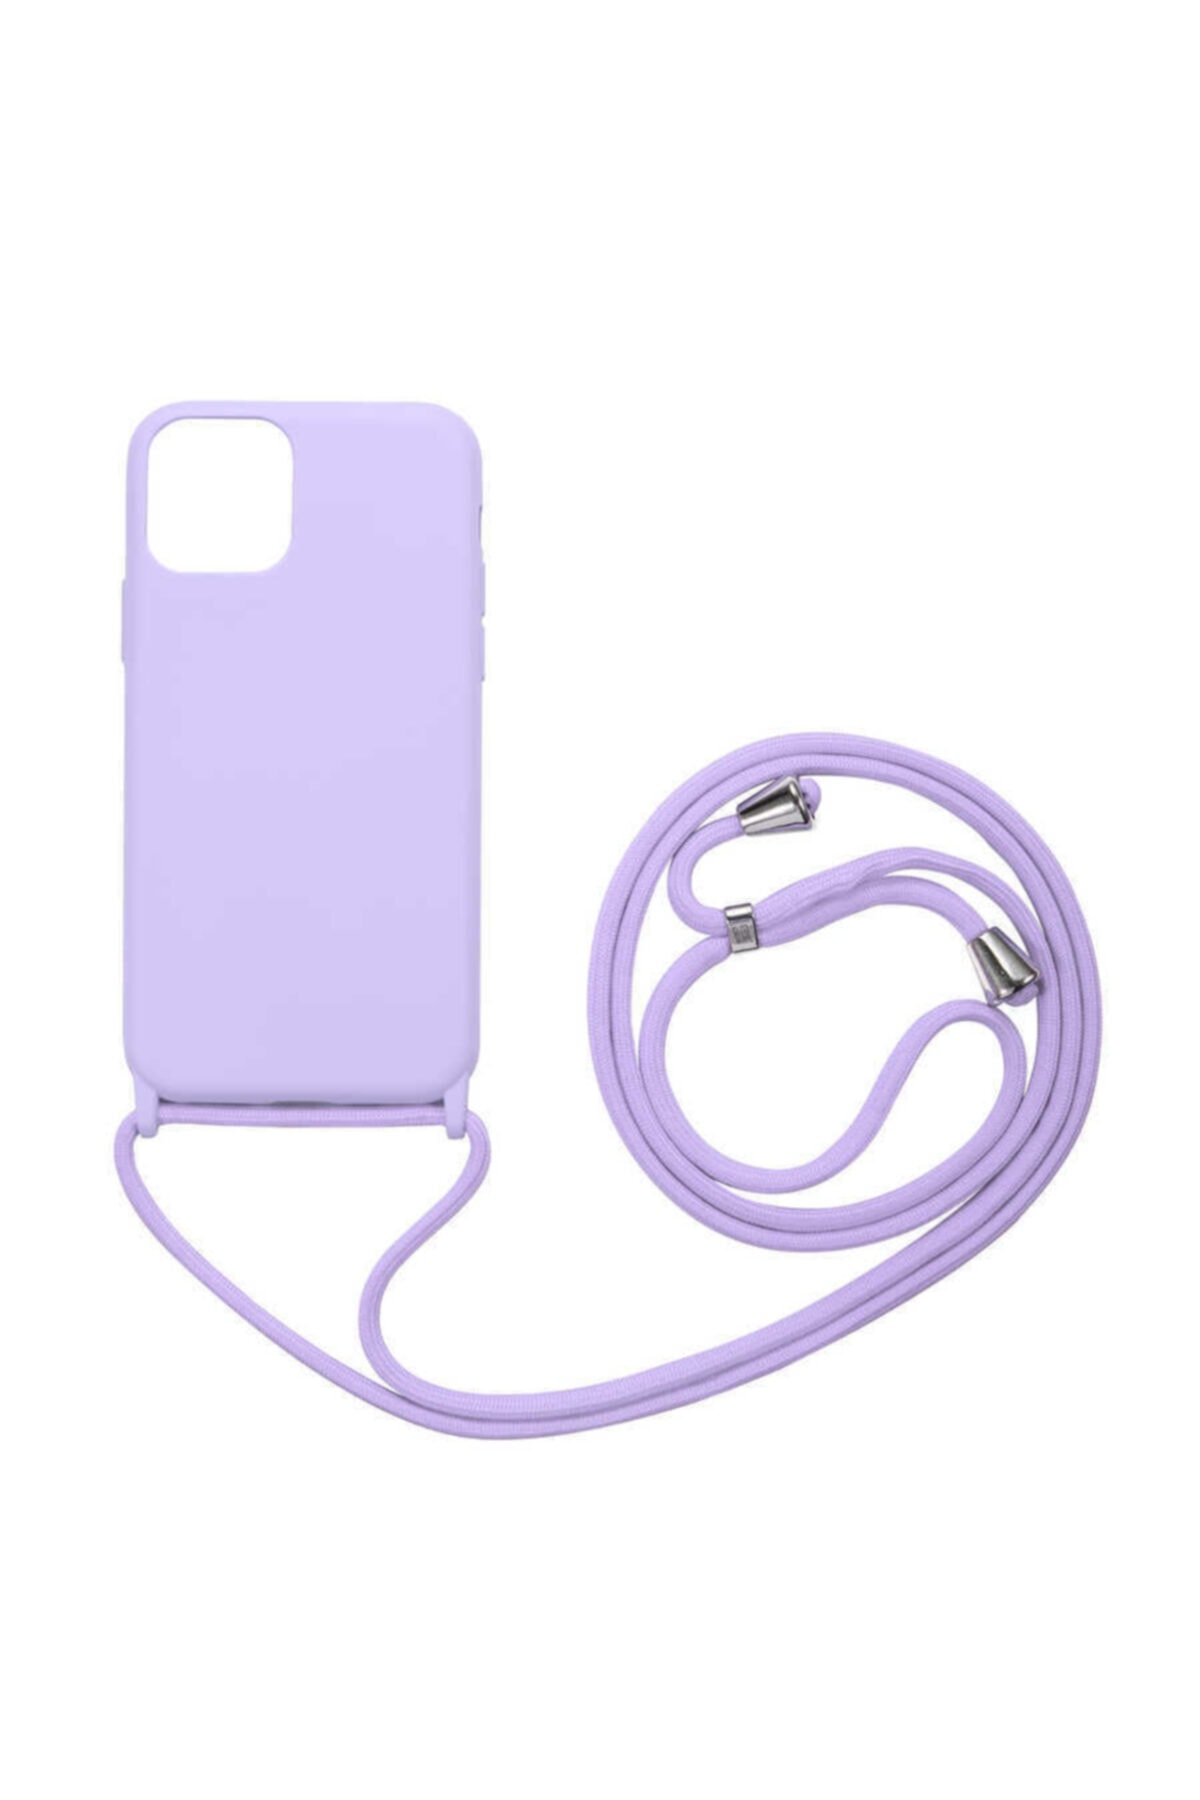 Fibaks Apple Iphone 11 Kılıf Ipli Boyun Askılı Içi Kadife Lansman Yumuşak Silikon 1